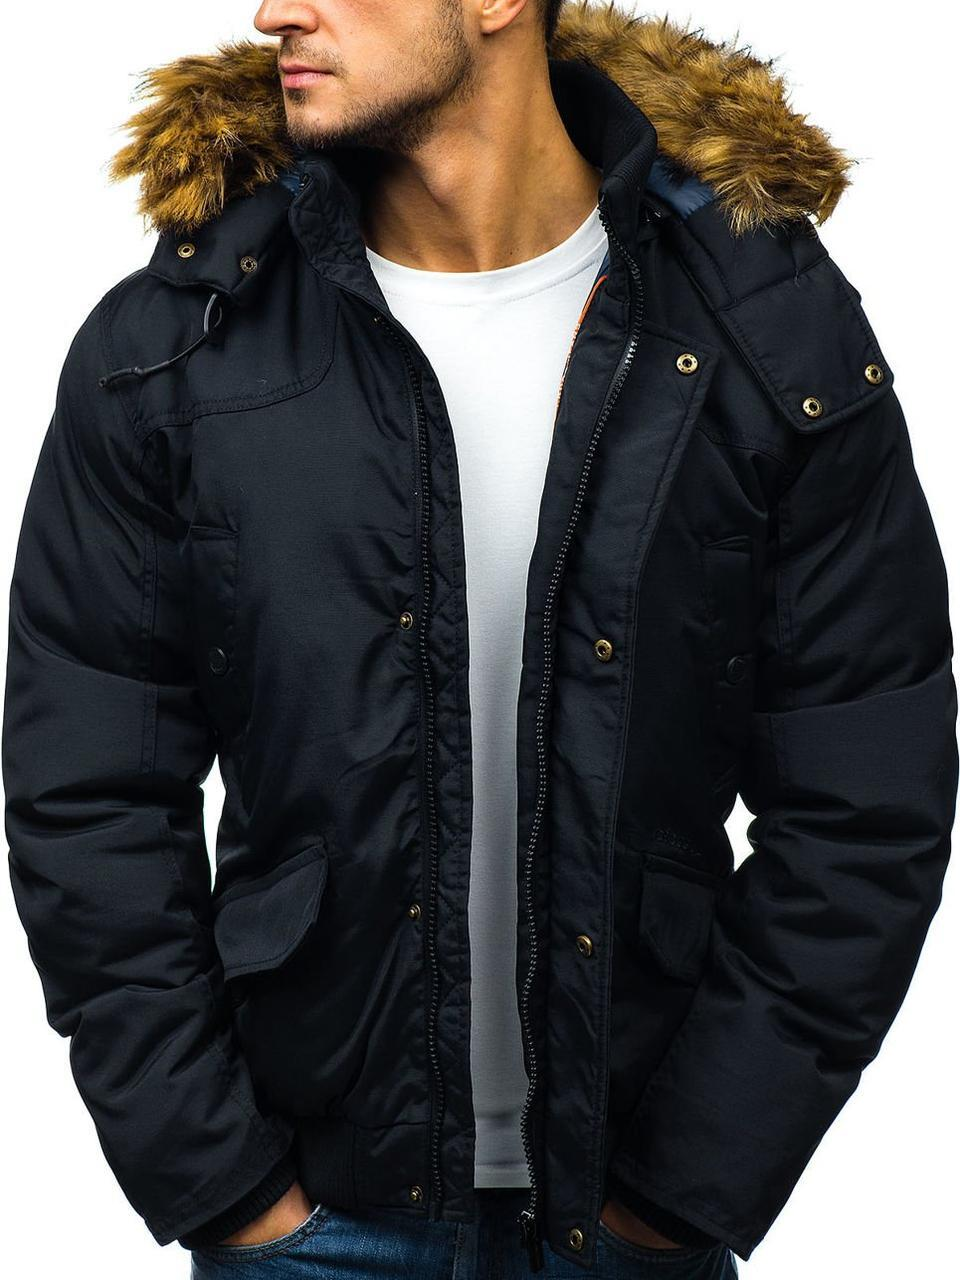 Зимняя мужская куртка с капюшоном бомбер №3 Черный